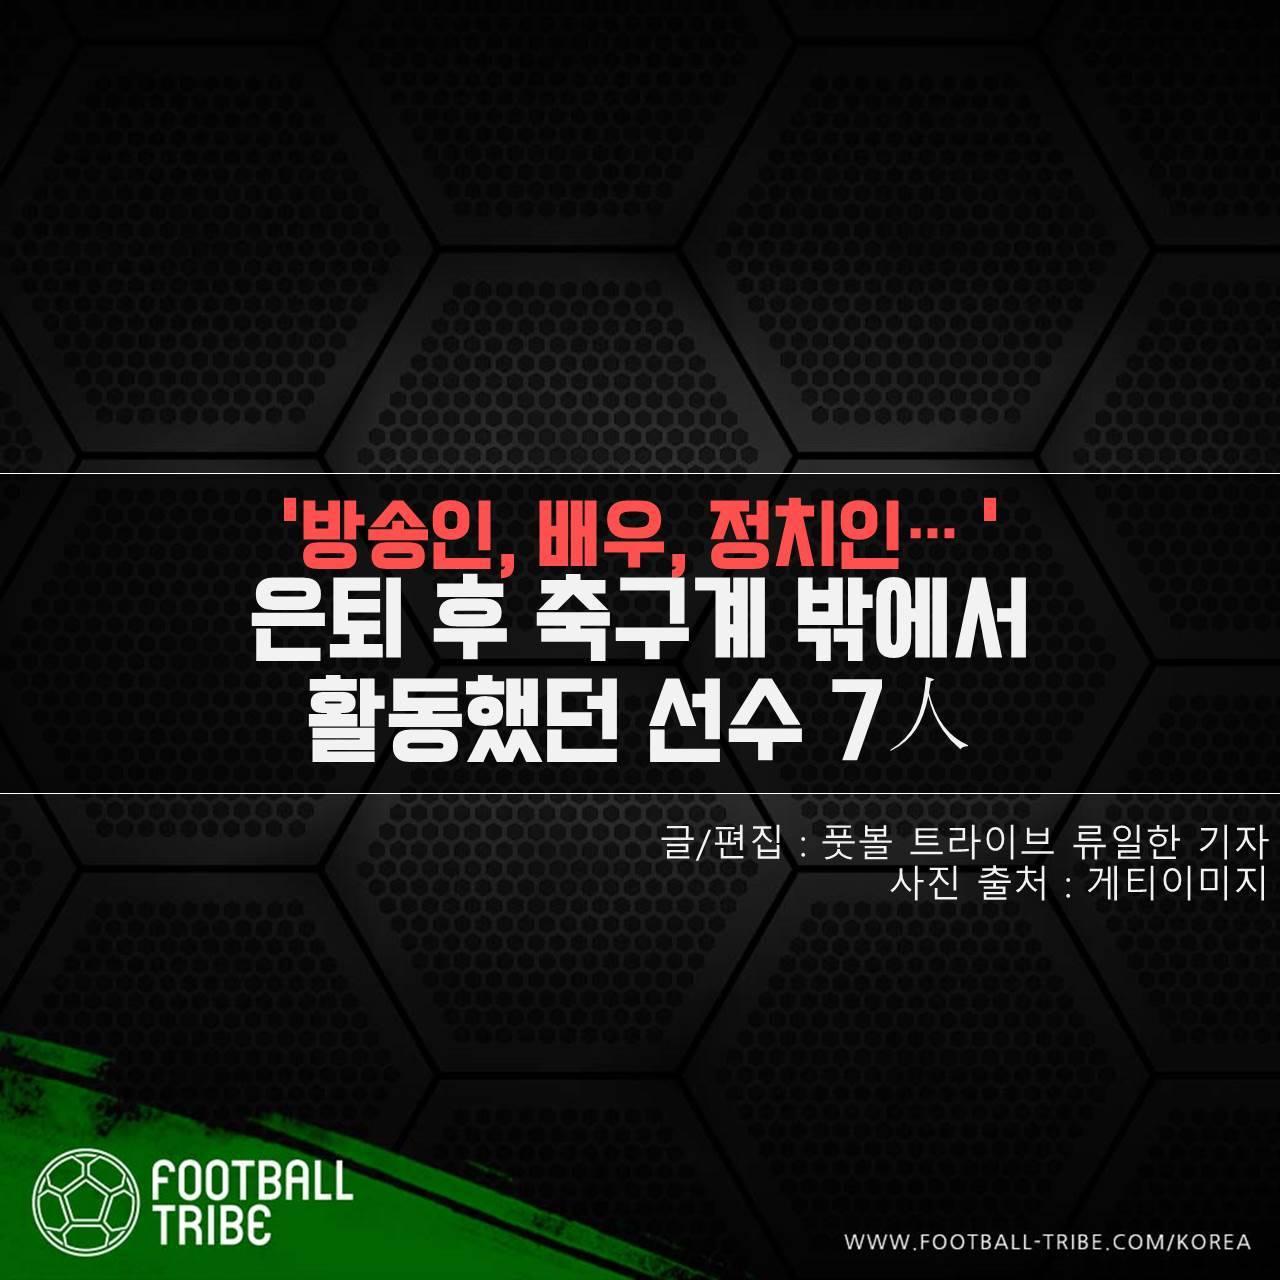 [카드 뉴스] 은퇴 후 축구계 밖에서 활동했던 선수 7人